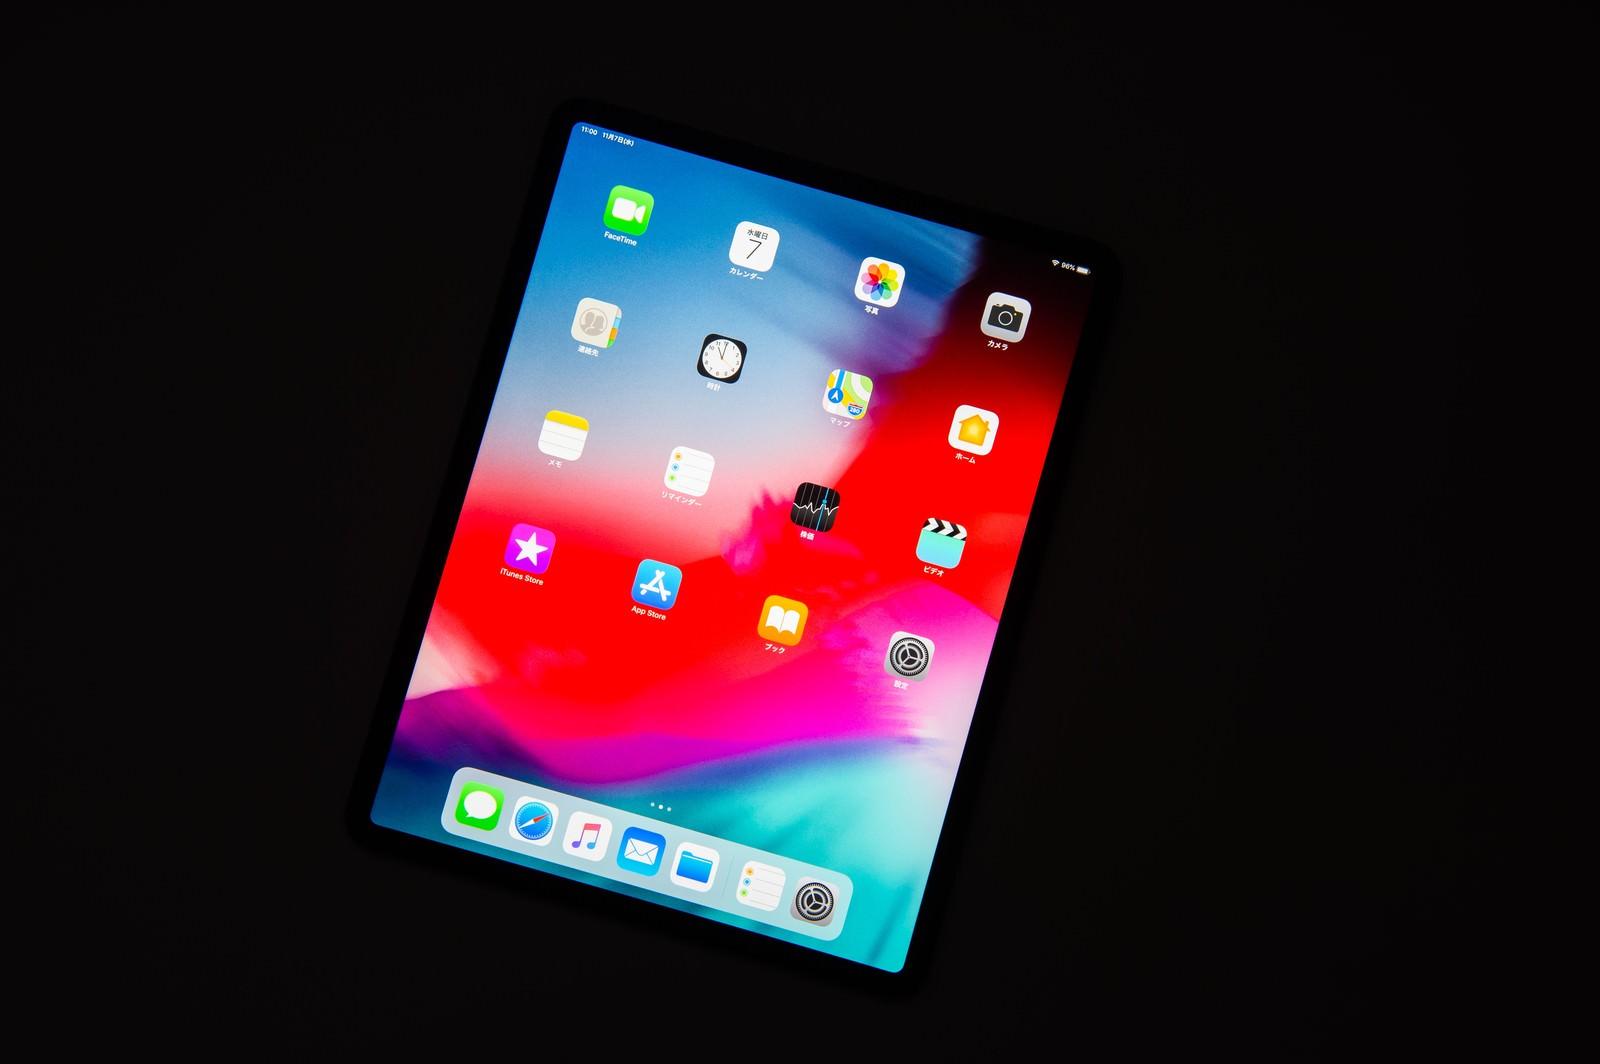 「黒い背景に傾けたタブレットのホーム画面(12.9インチ iPad Pro 2018)」の写真